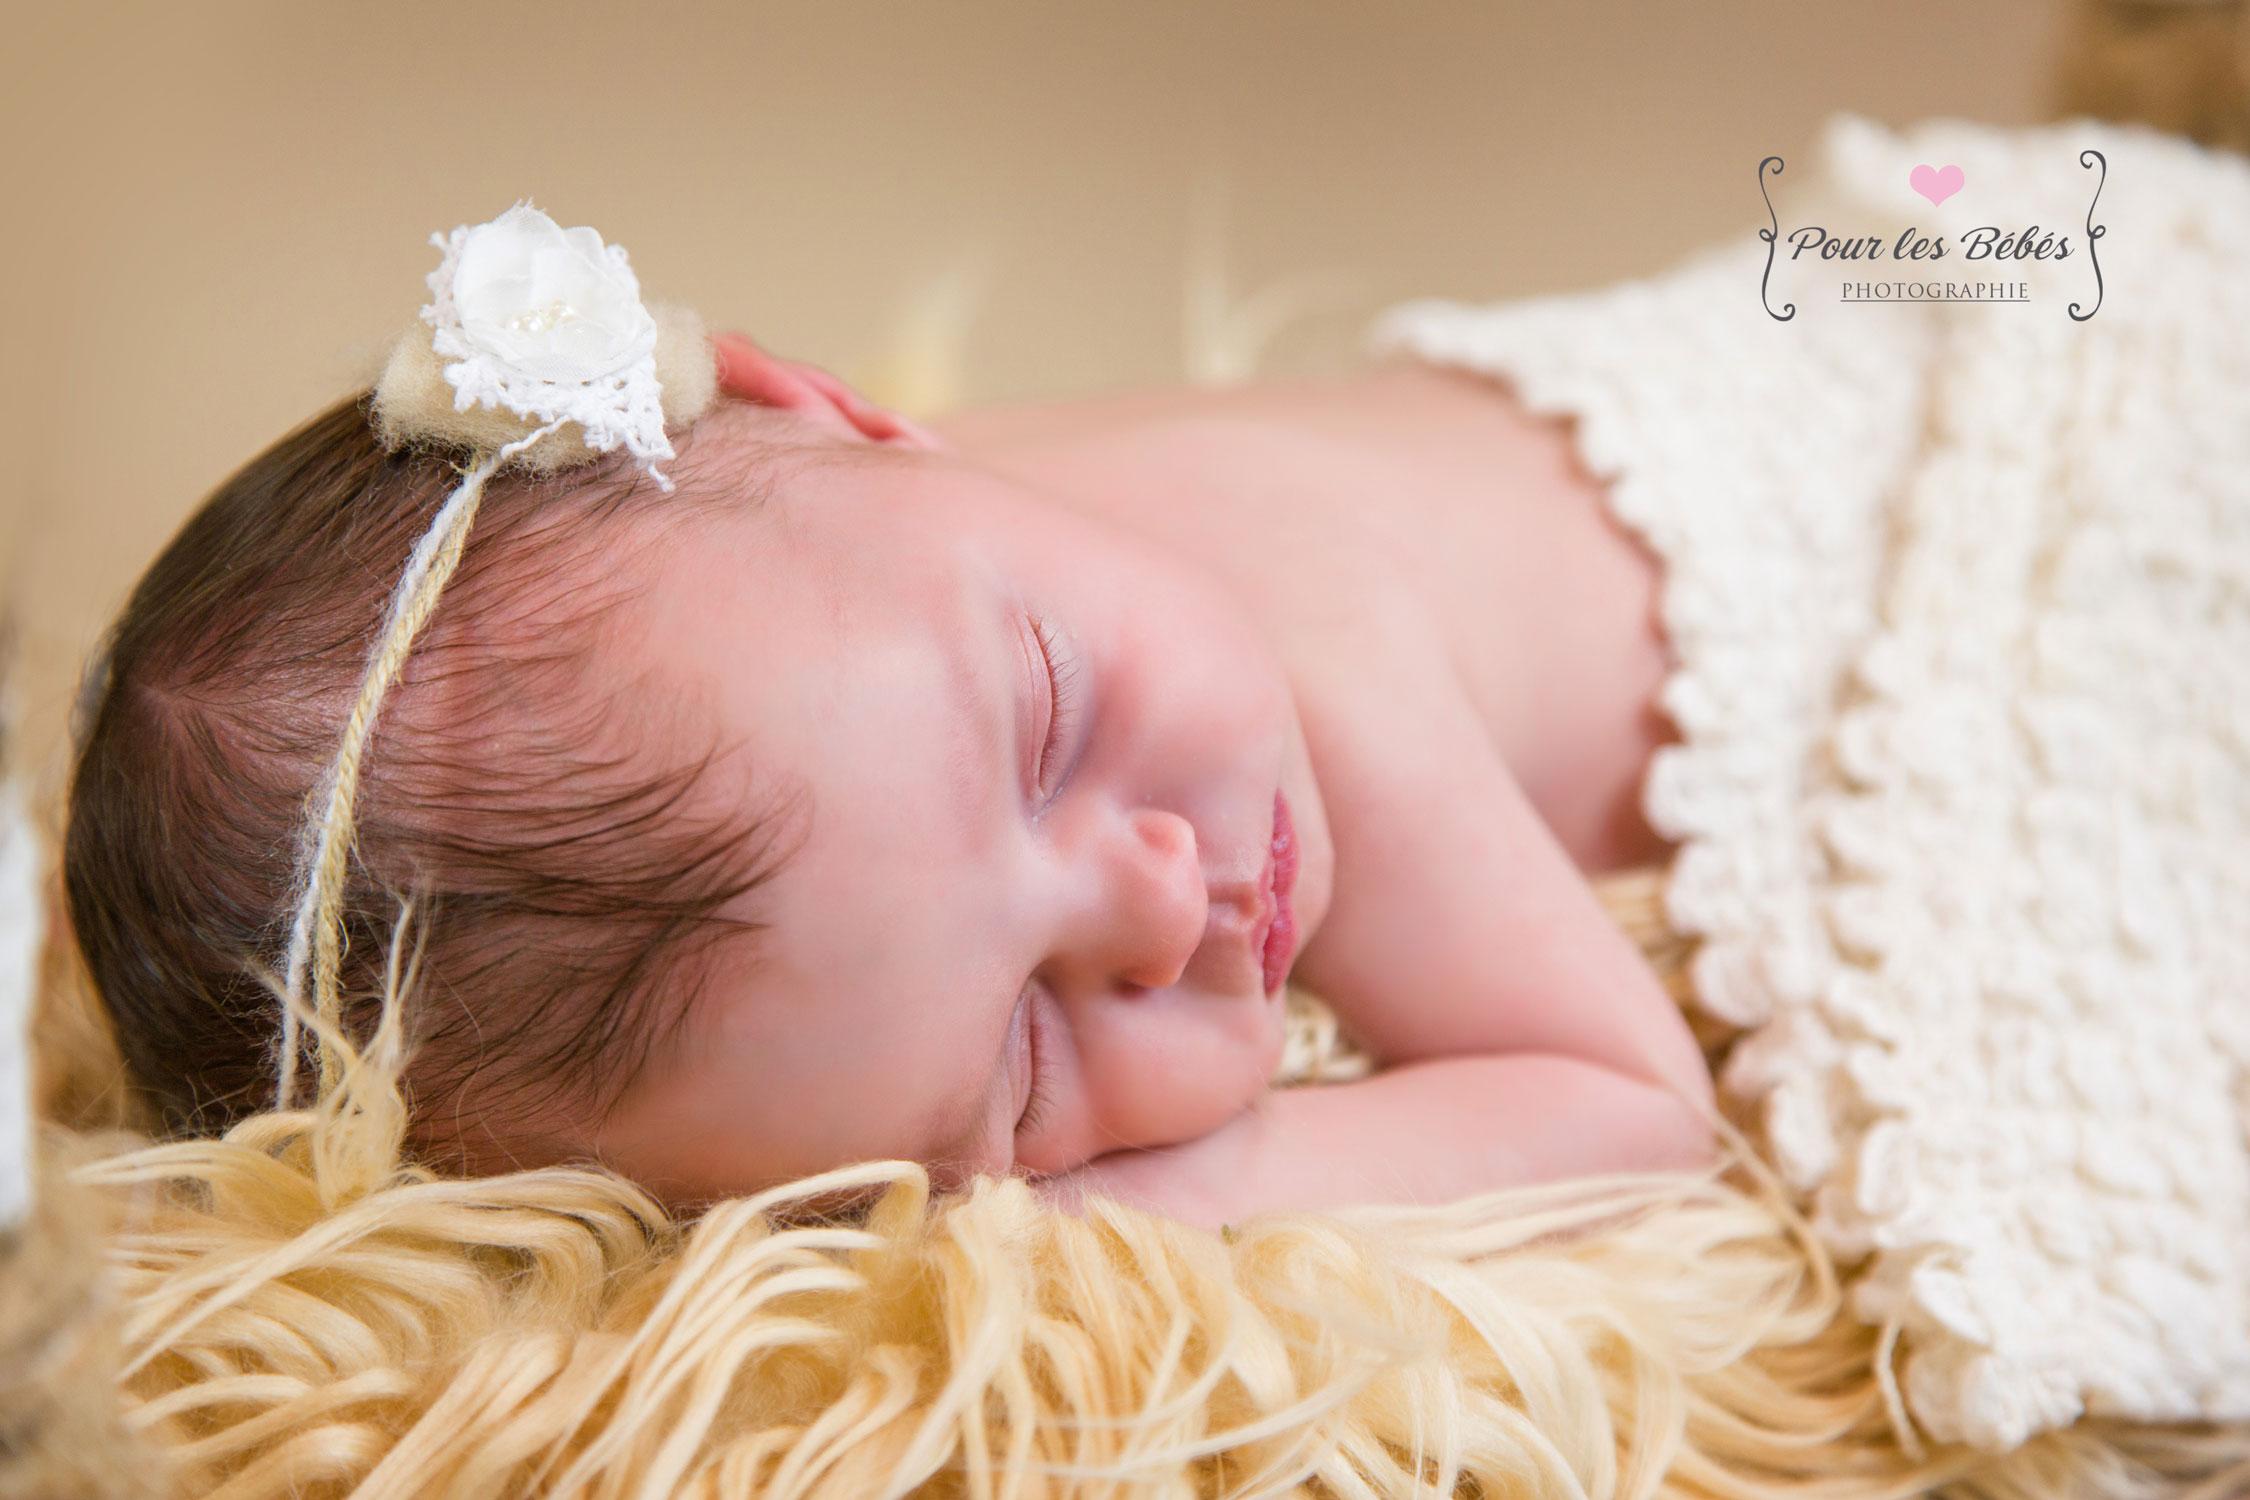 photographe-studio-nouveau-né-famille-enfance-bébé-nourrisson-grossesse-montpellier-nimes-lunel-mauguio-sommières-243